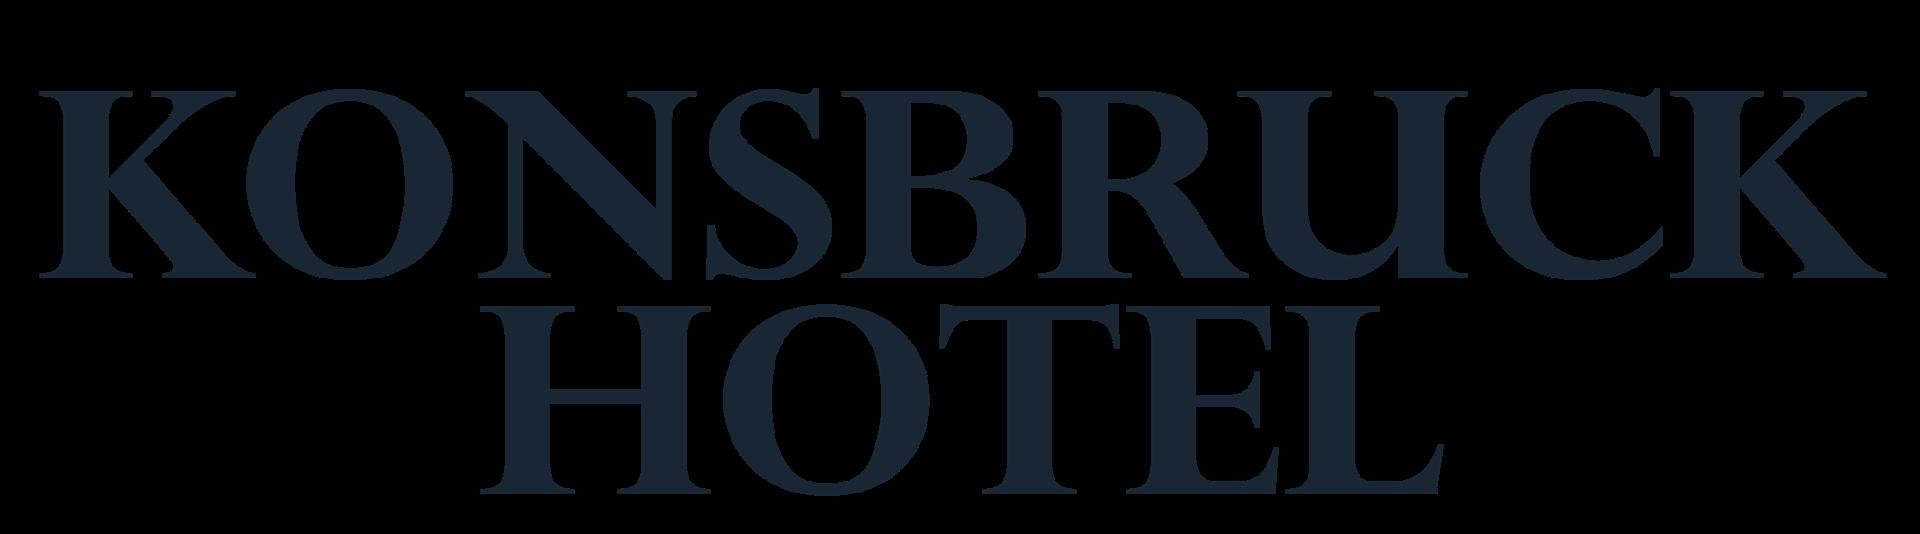 Konsbruck Hotel